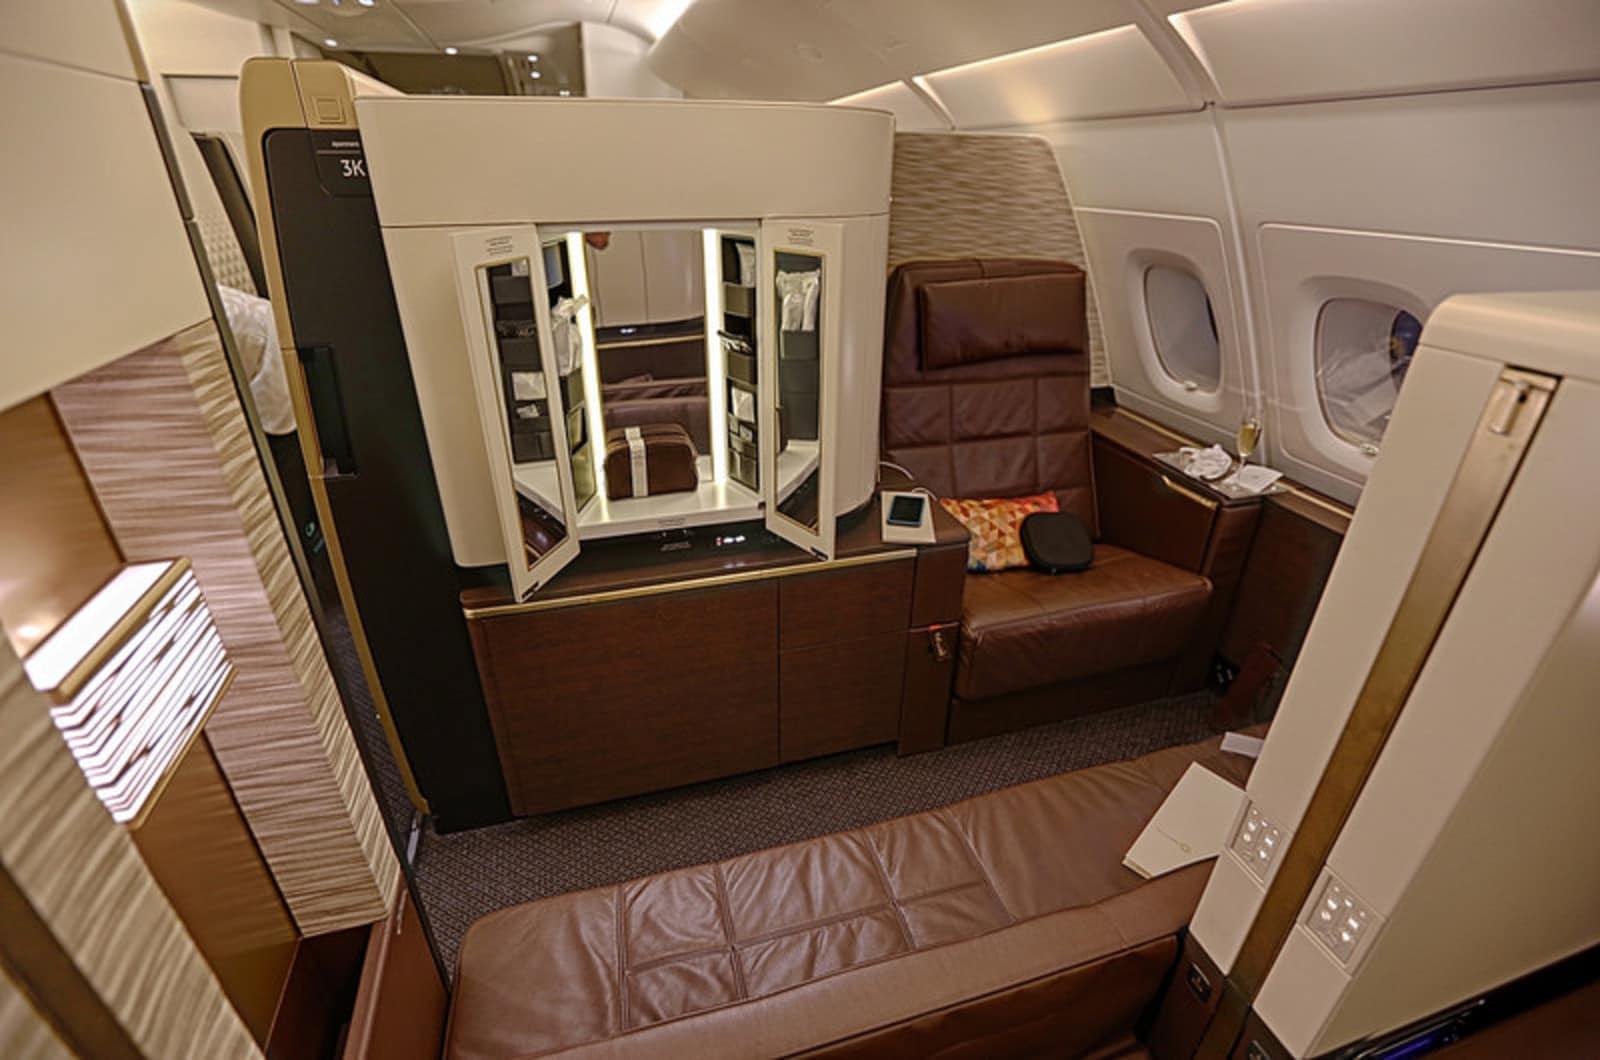 Gillaspia enjoyed his own apartment on the Etihad plane